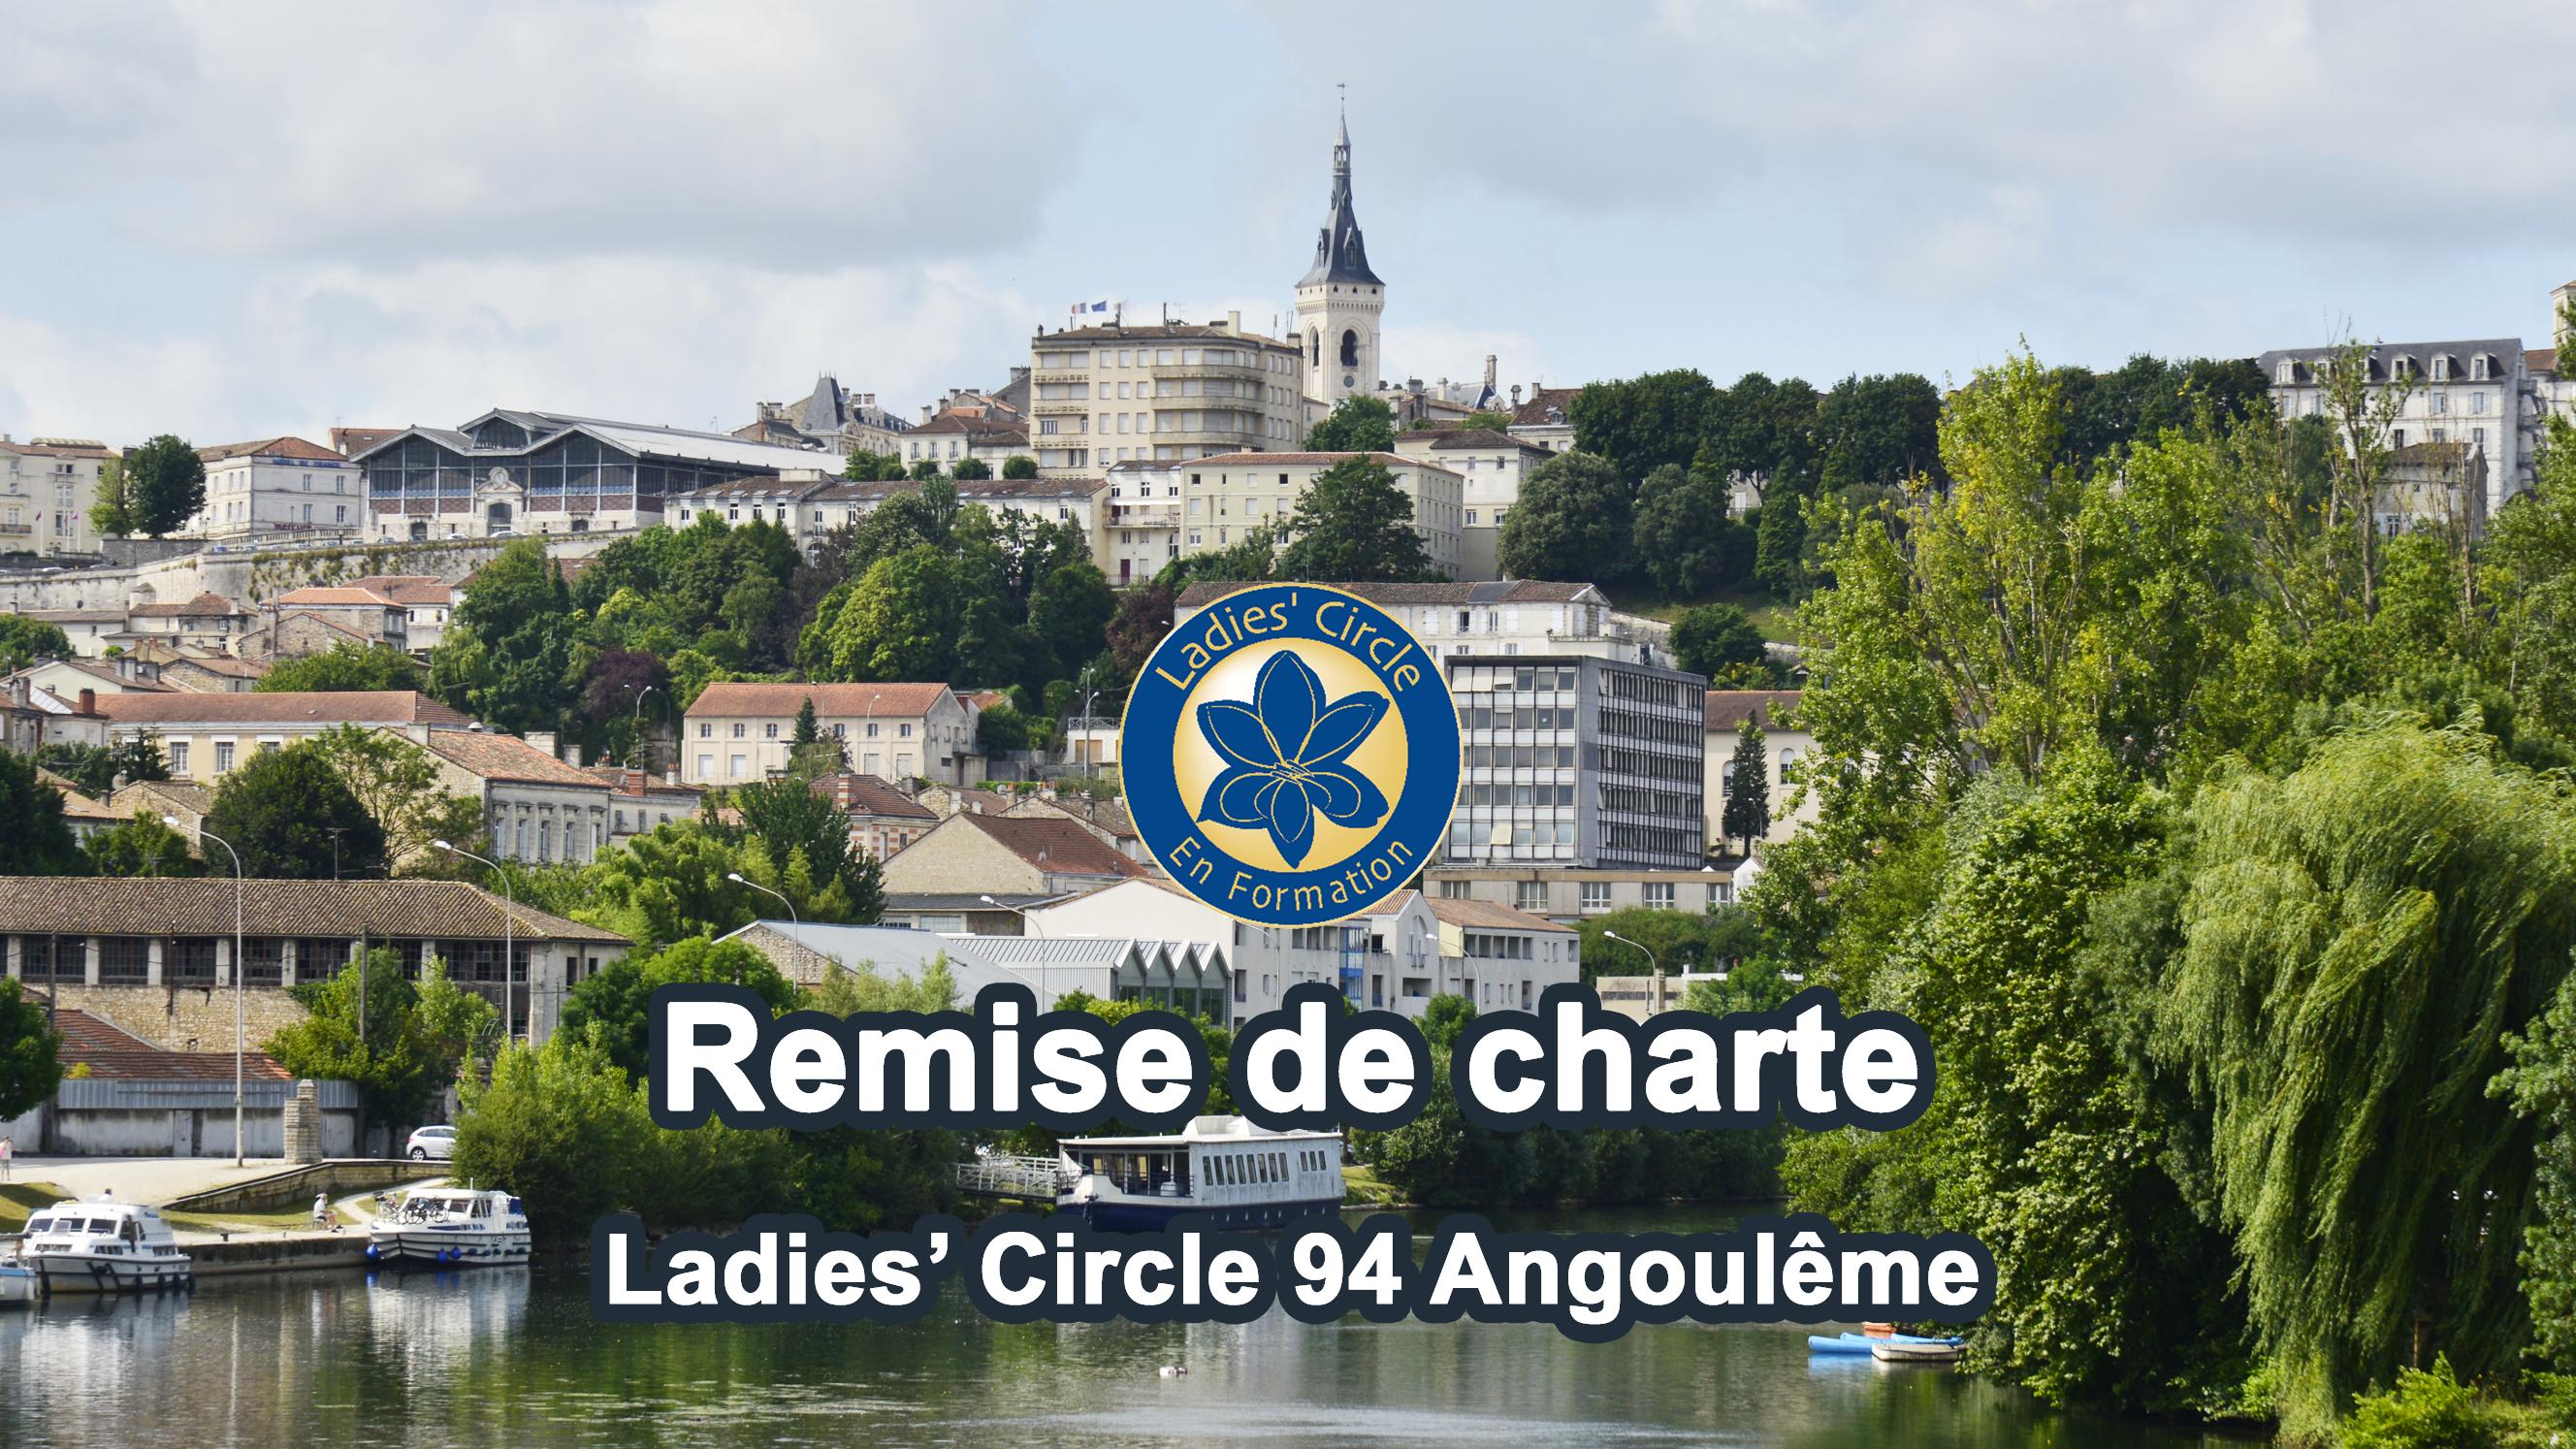 Ladies' Circle France - remise de charte Angoulême